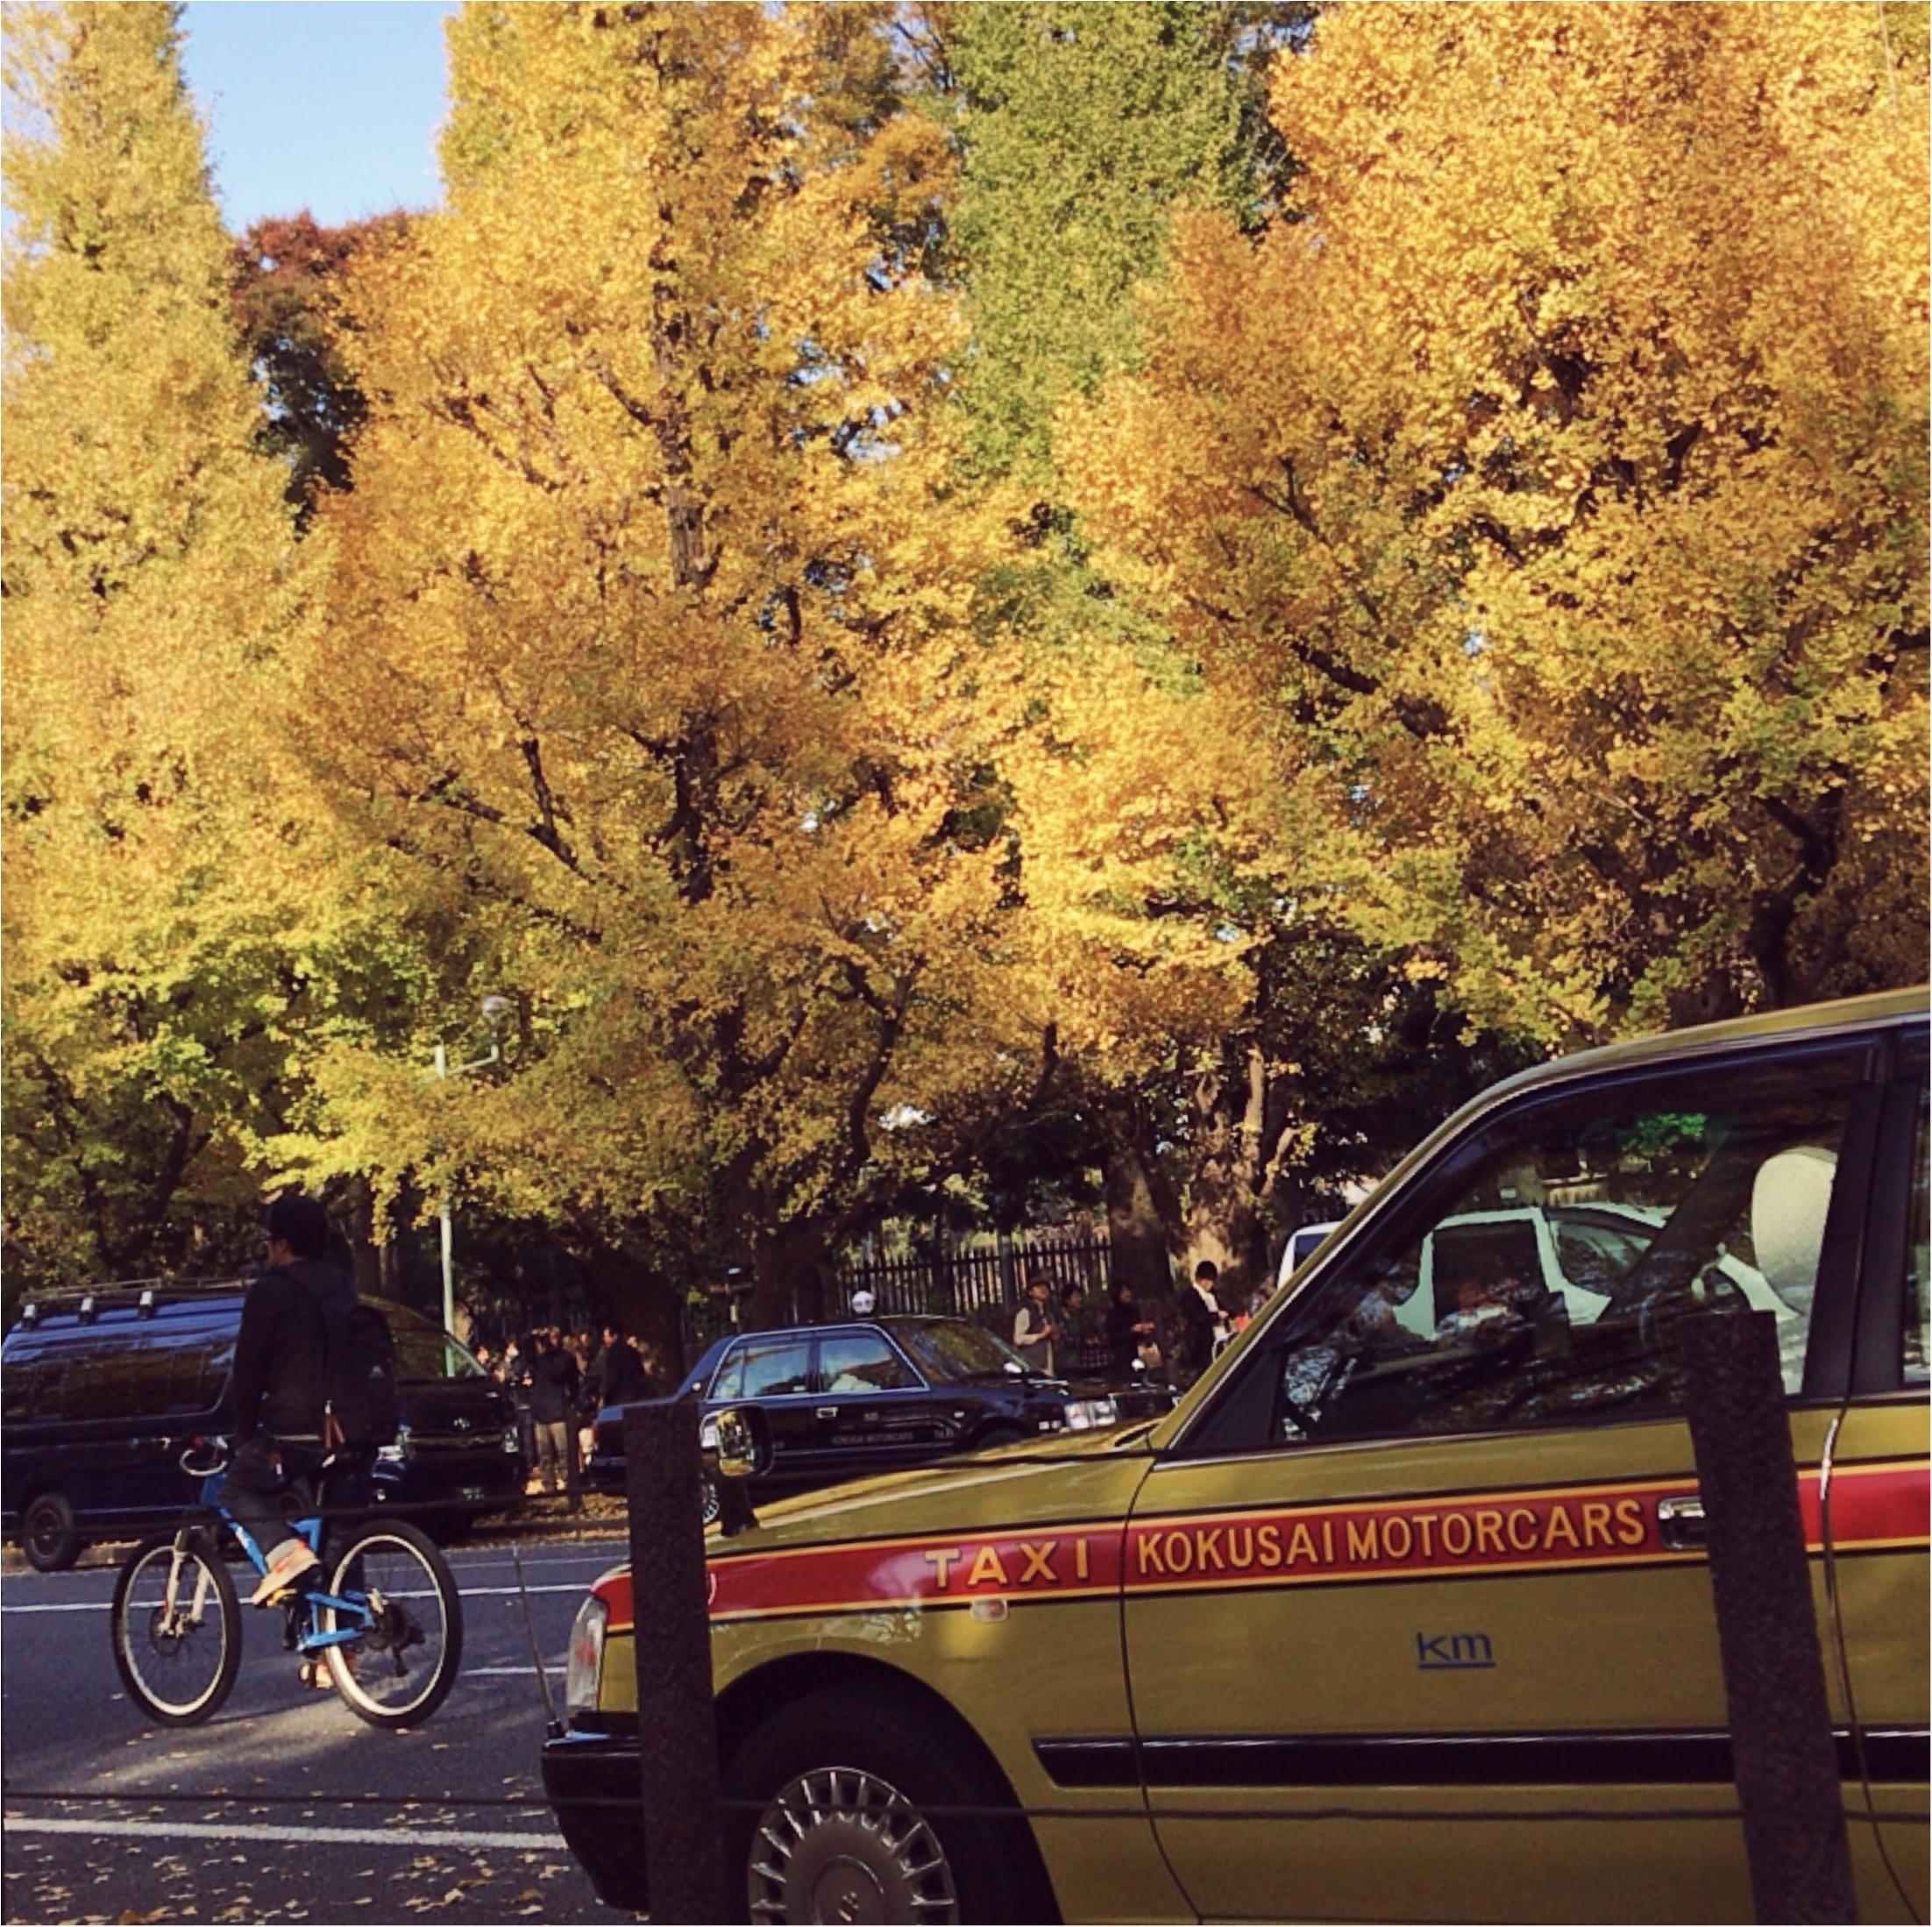 【フォトジェニックスポット】今日からいちょう祭り!神宮外苑いちょう並木が色づき始めました!今年の見頃は11月〇〇~!!_2